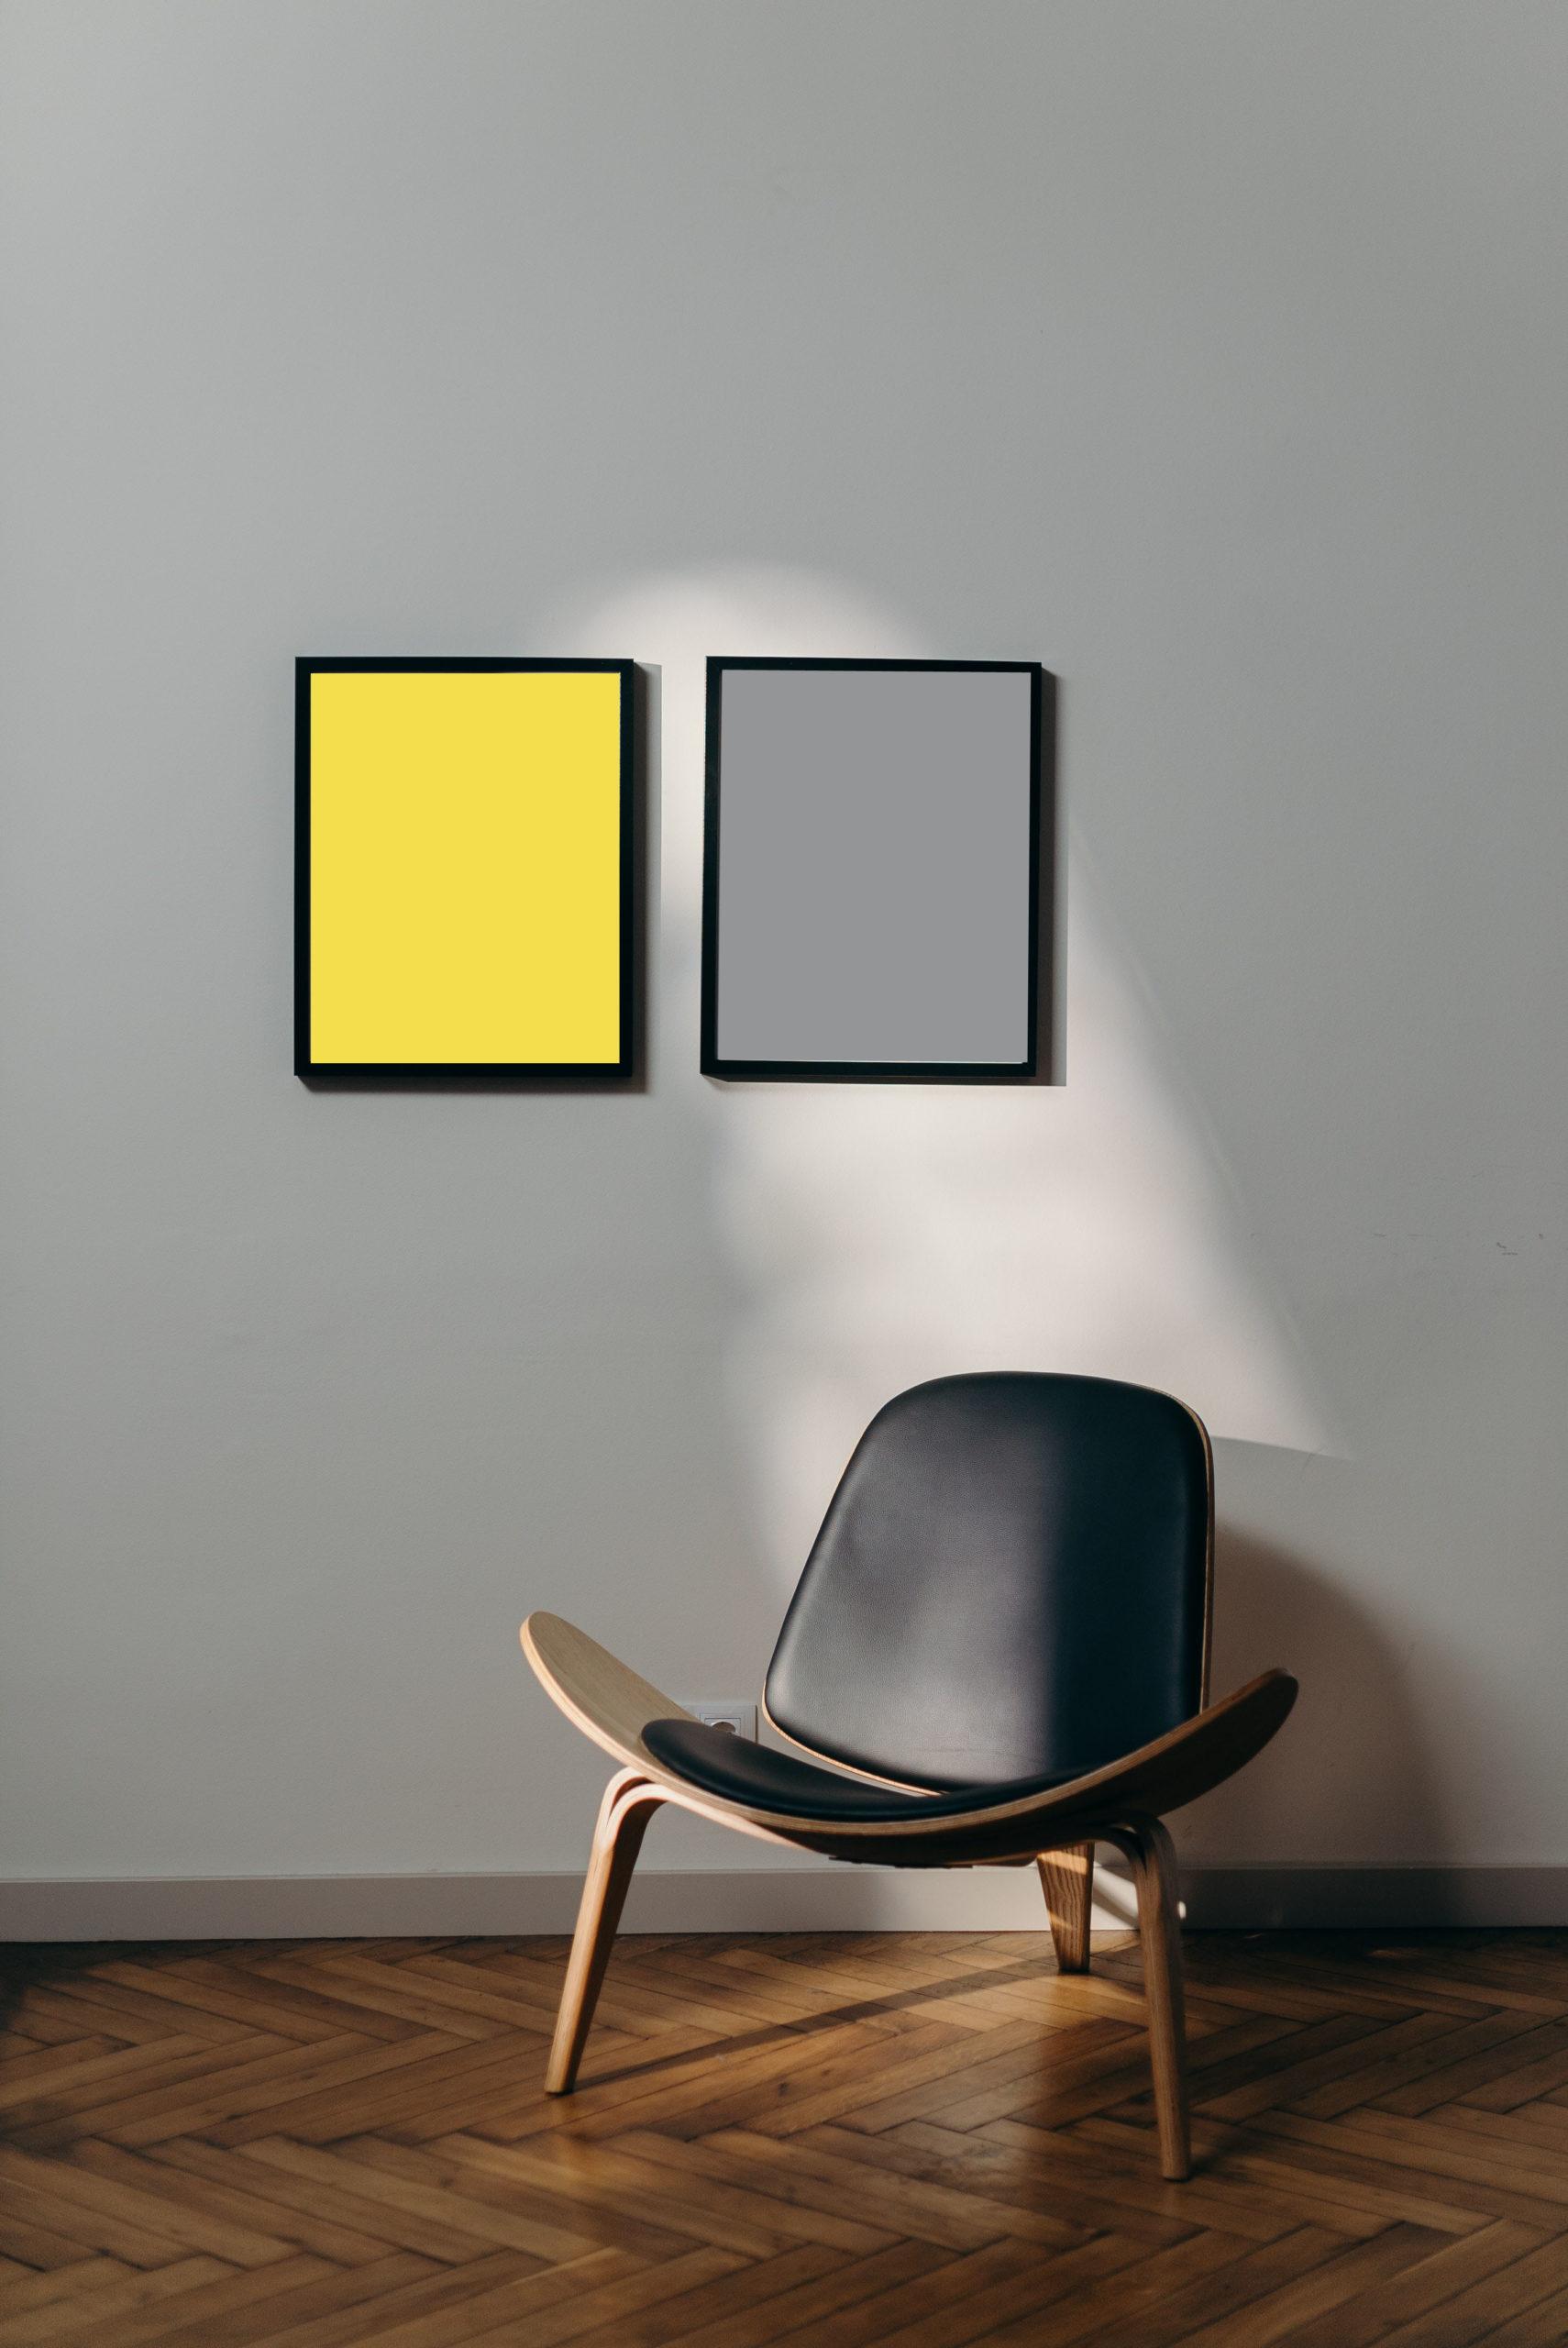 2 Bilderrahmen mit Pantone Farben 2021an der Wand in gelb un grau mit Designerstuhl